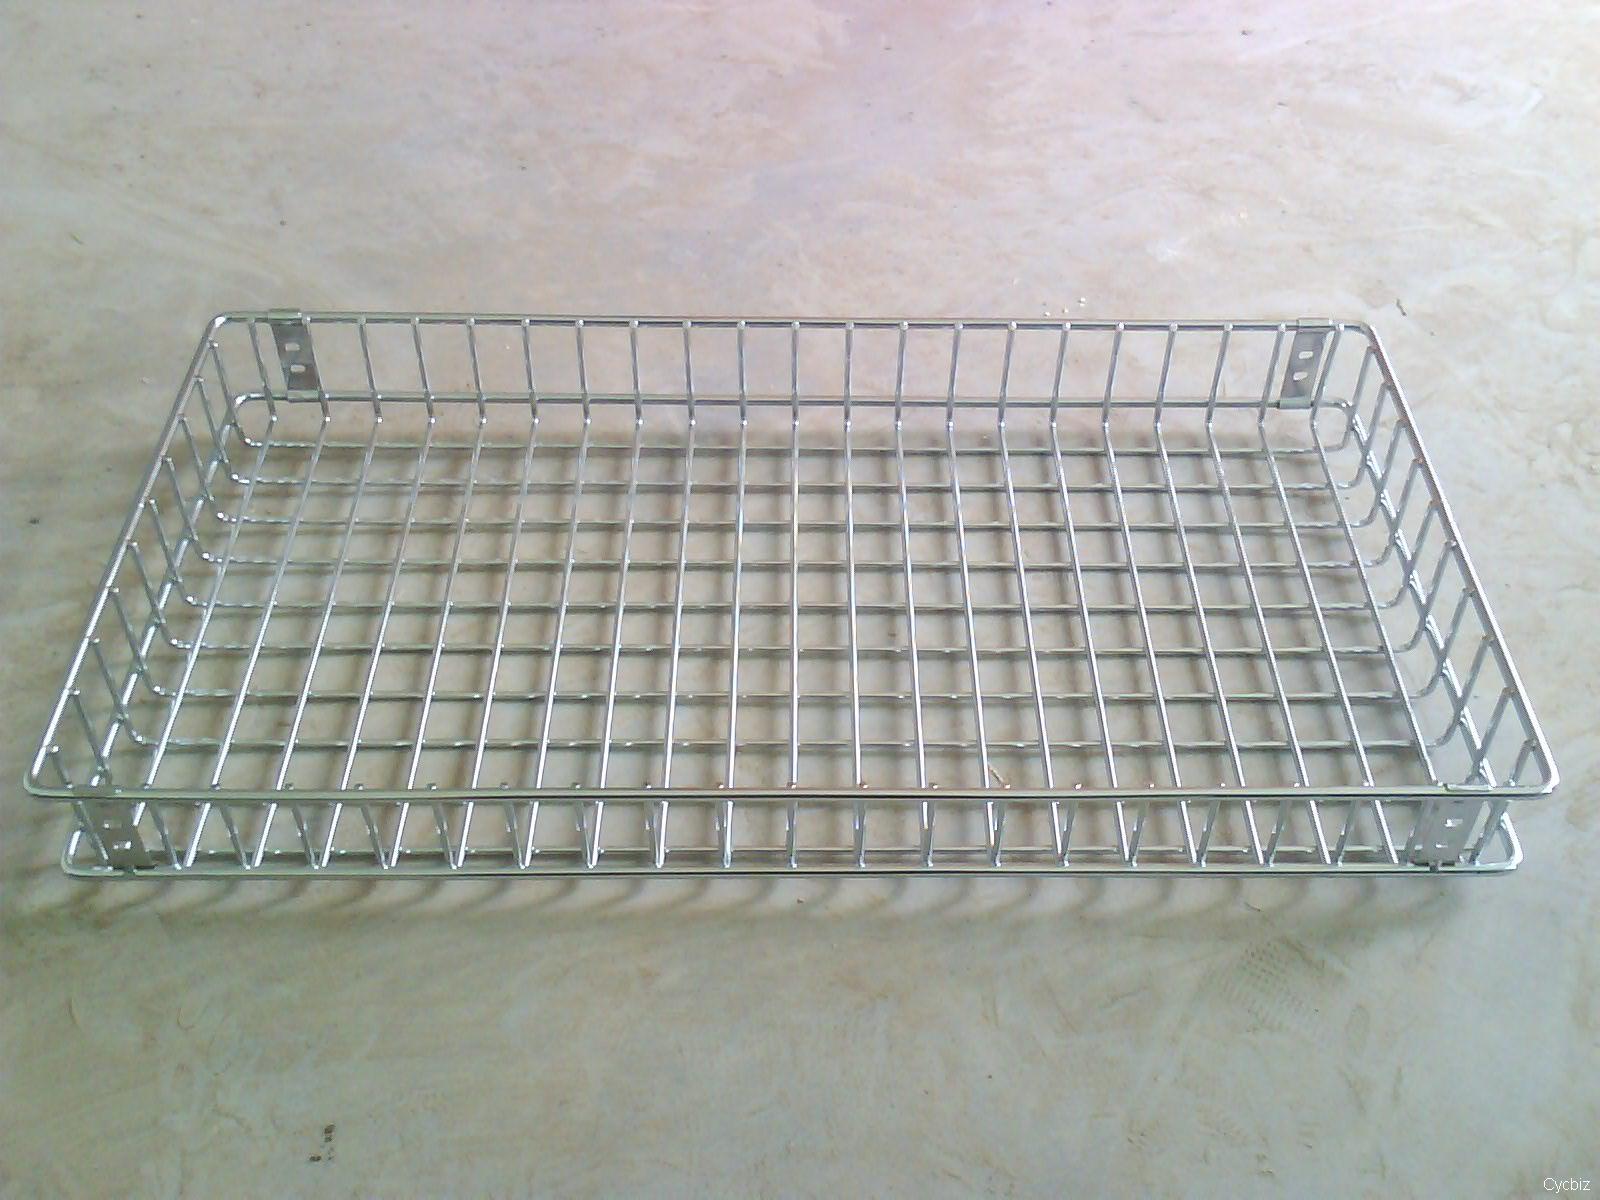 菏泽不锈钢烧烤网厂专业生产各种丝网深加工